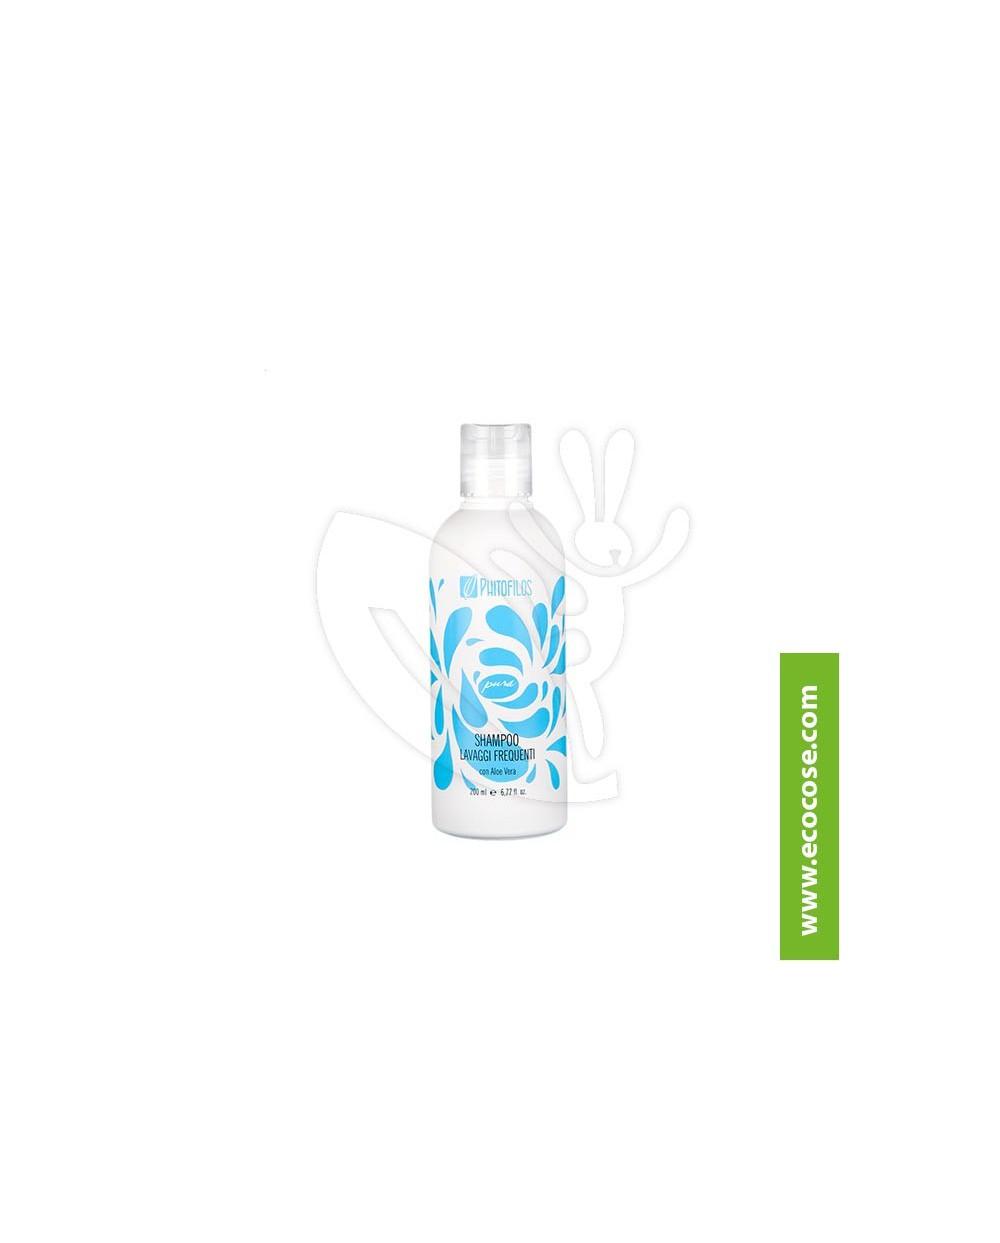 Phitofilos - Shampoo lavaggi frequenti con Aloe Vera